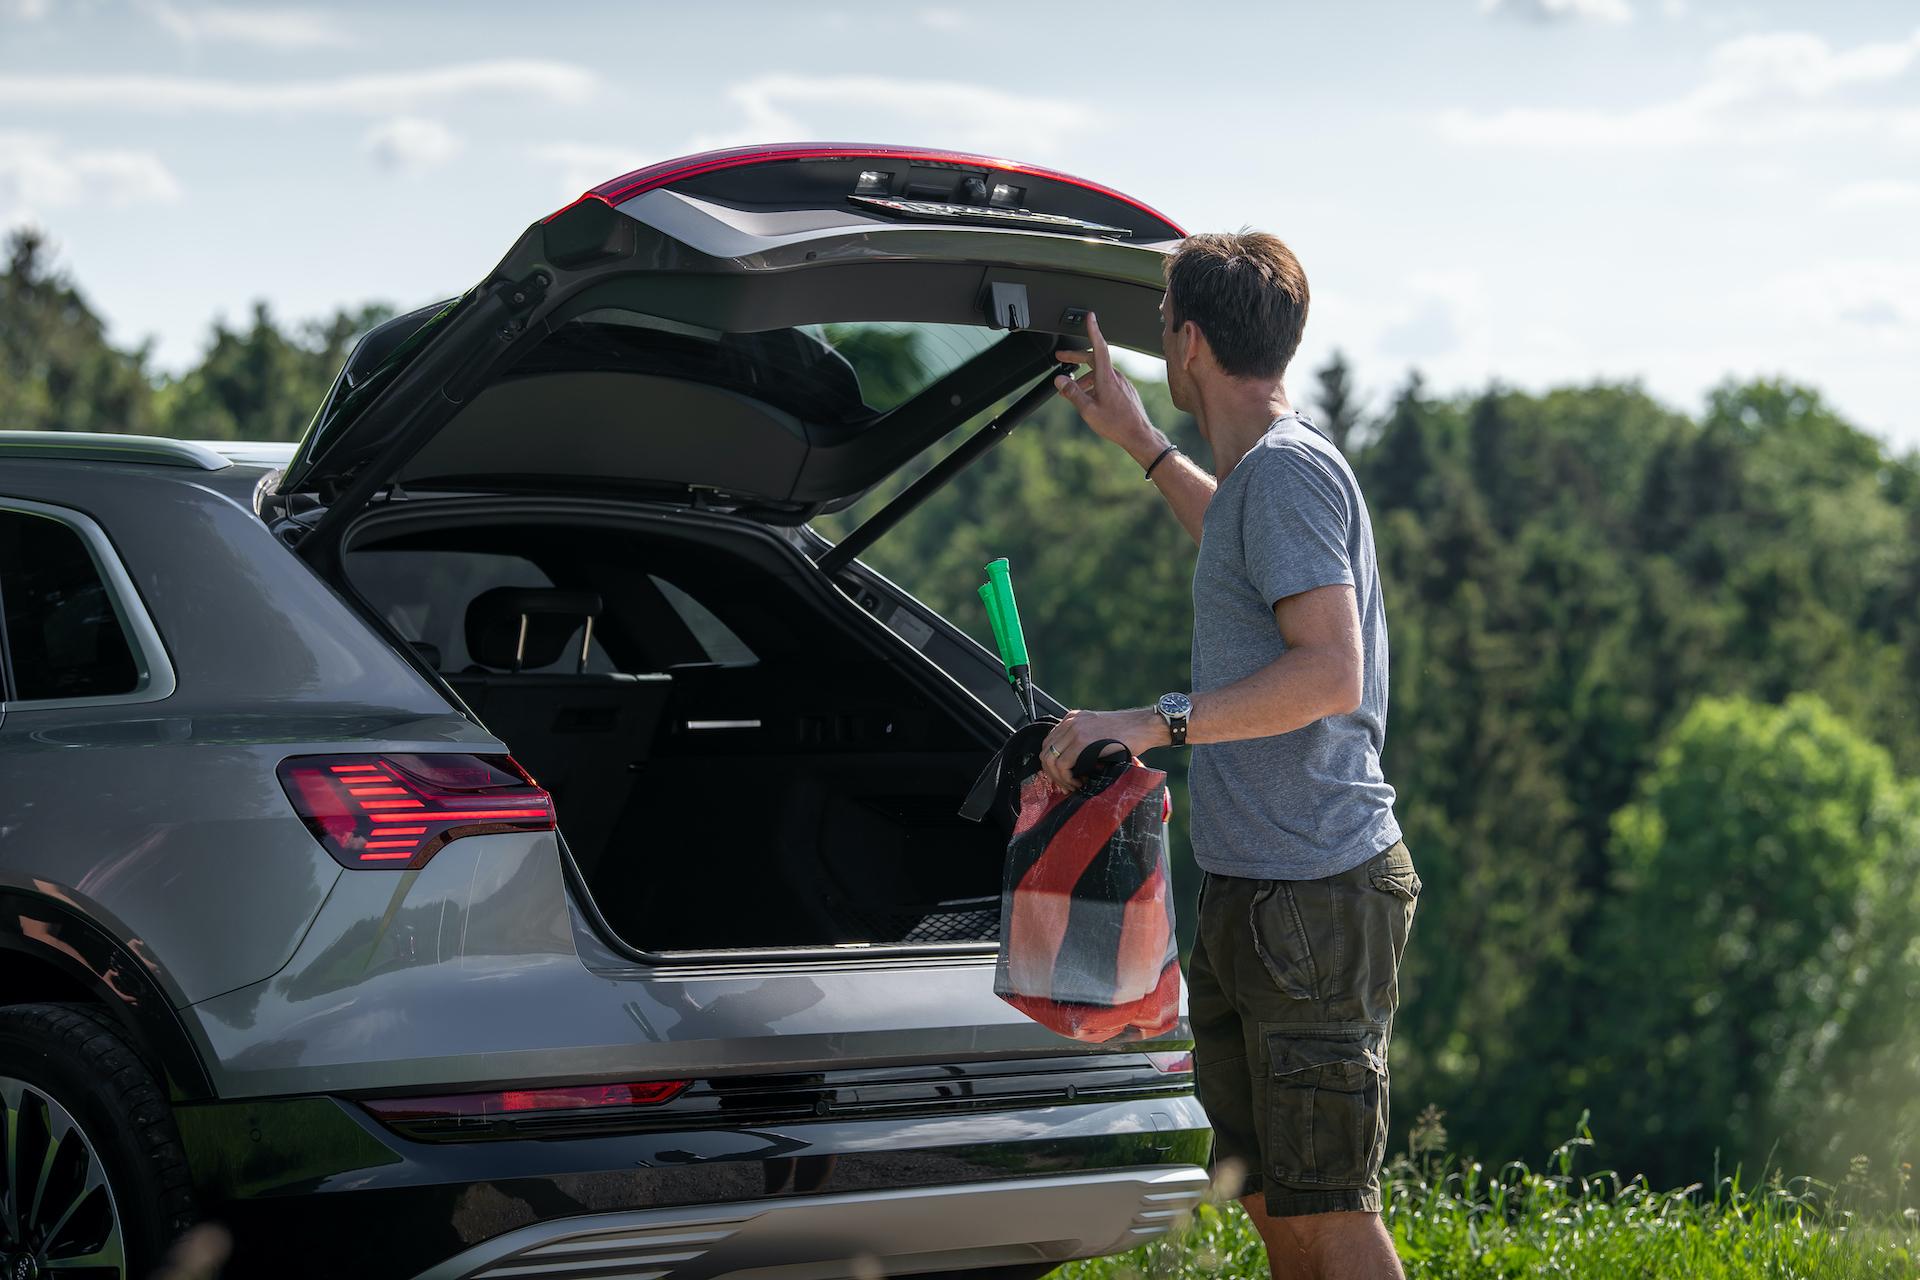 Le coffre de l'Audi e-tron offre un volume de 660litres. Comme la voiture ne possède pas de moteur à combustion à l'avant, un compartiment supplémentaire se trouve à cet endroit, pour les câbles de recharge par exemple – «ou pour une tarte glacée pour le pique-nique», glisse Mandioni en affichant une mine radieuse. (Tom Lüthi)